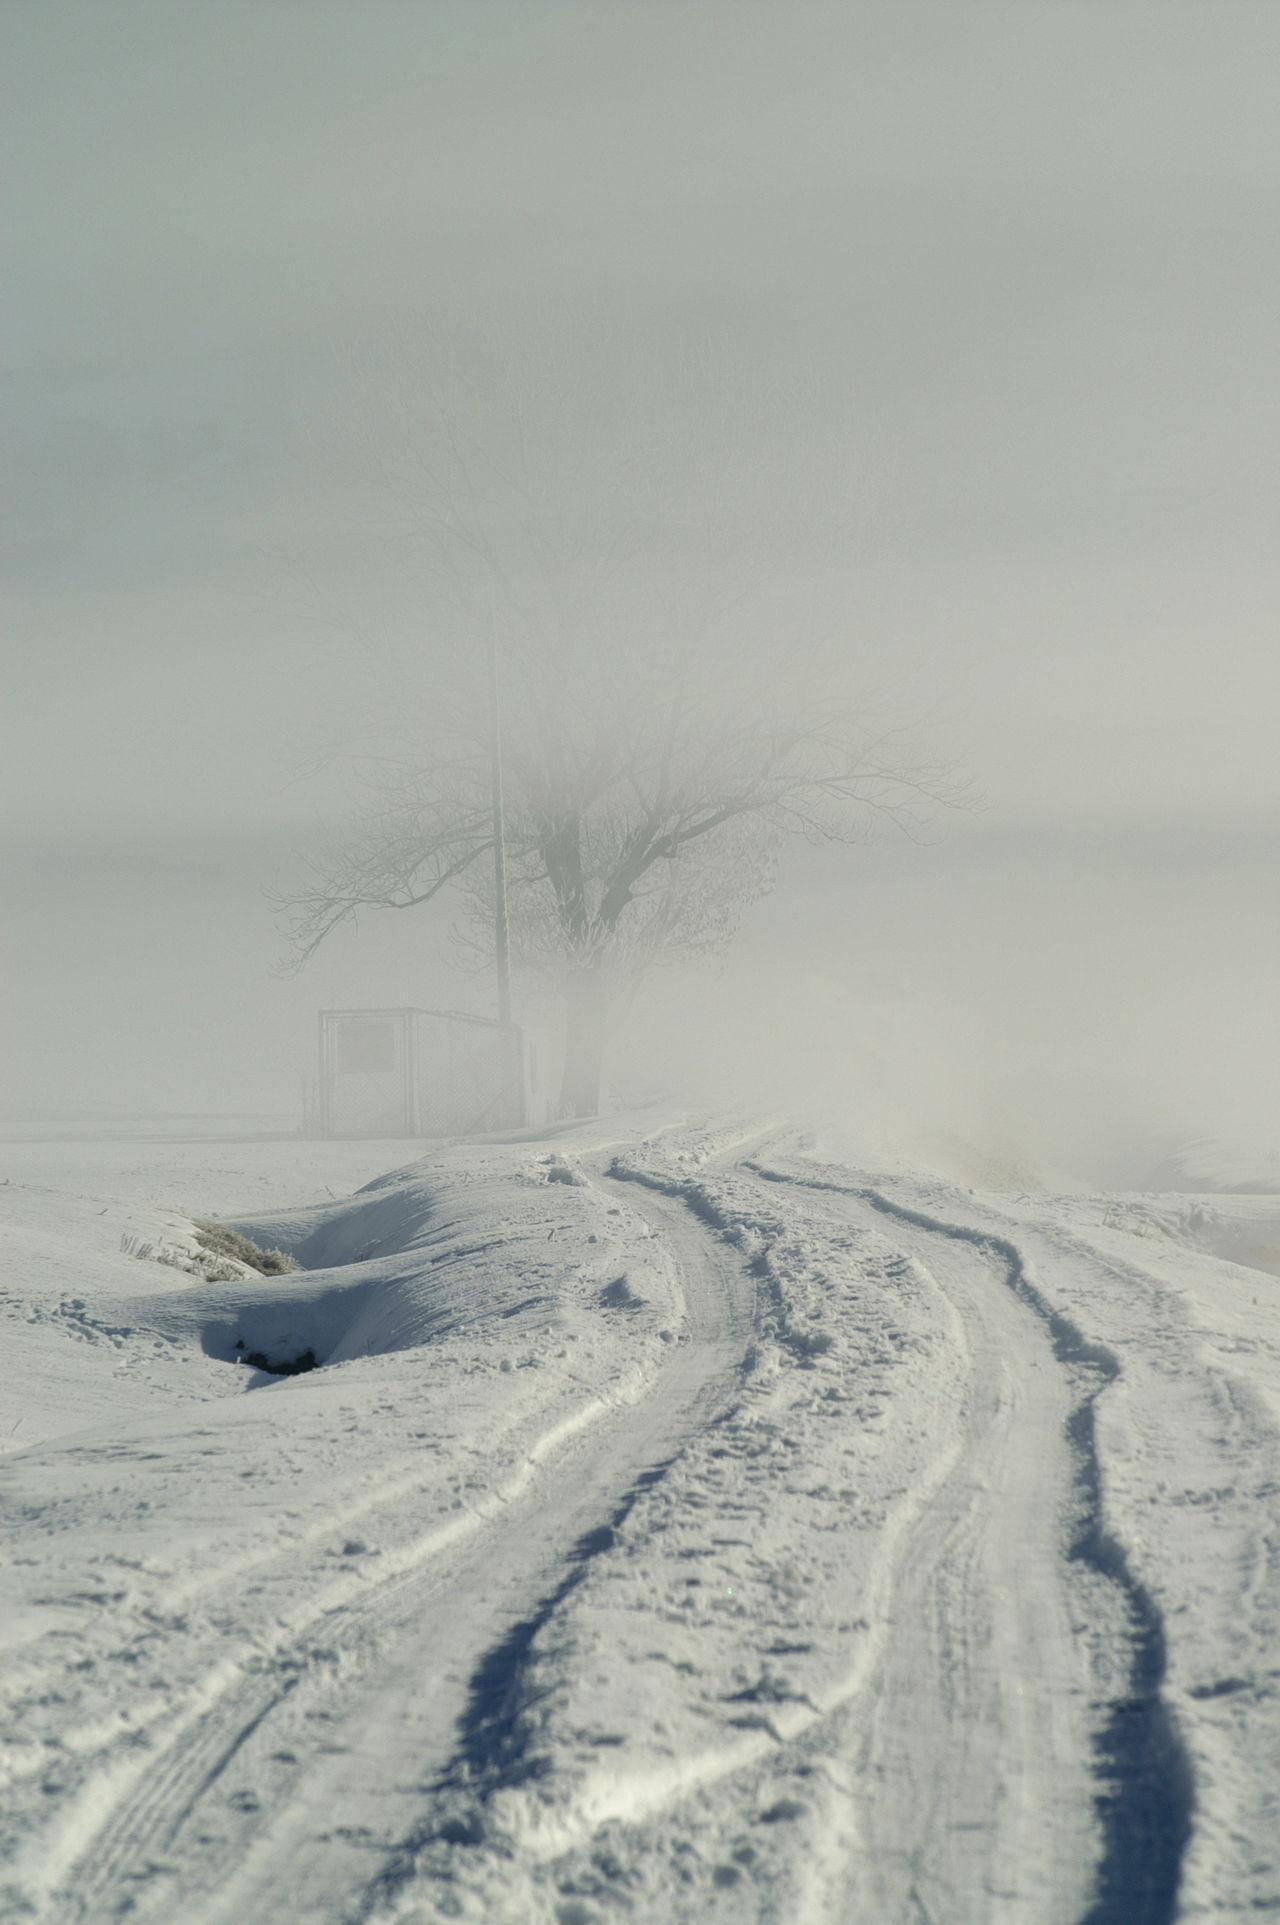 Schweiz Switzerland Wallis Leuk Spuren Im Schnee Tracks In Snow Kalt Cold Cold Temperature Nebel Foggy Morning